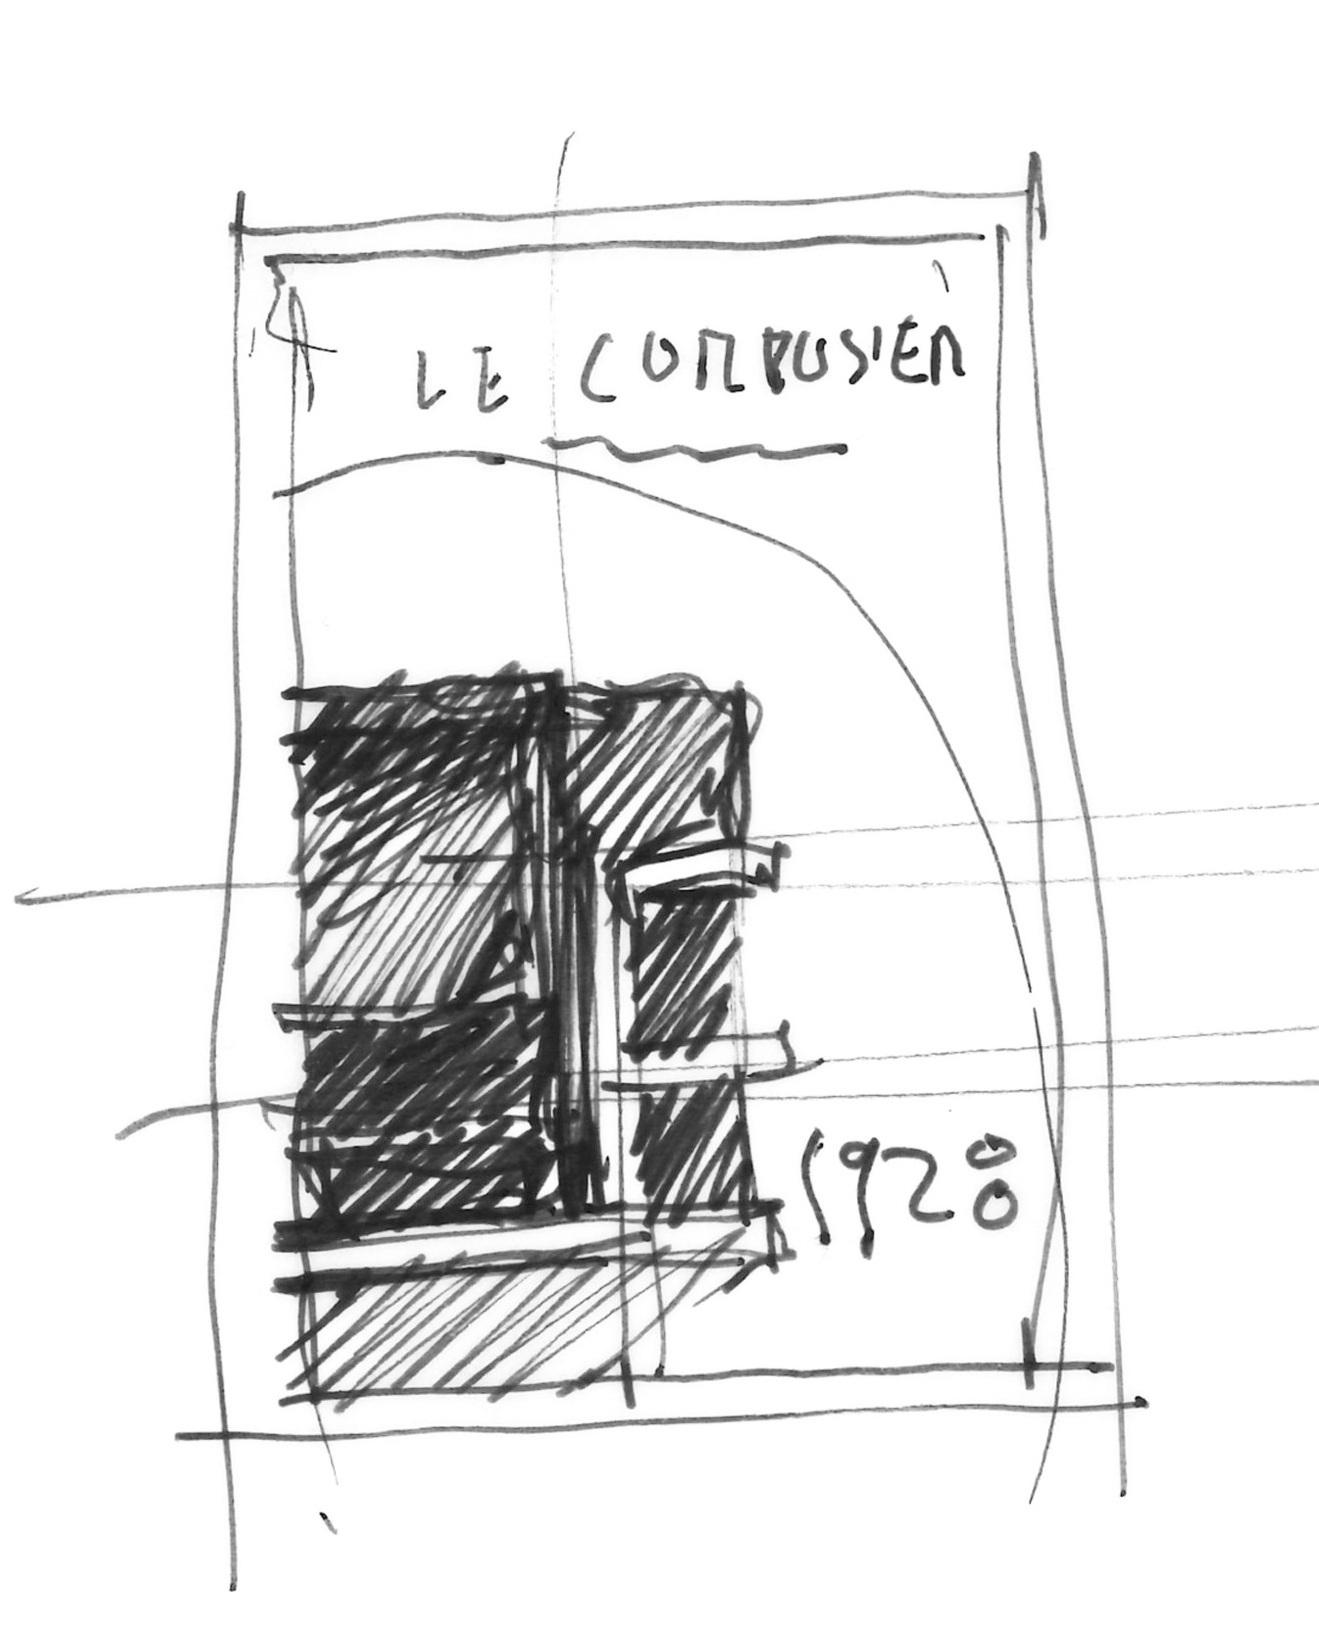 Corbusier_Sketch.jpg